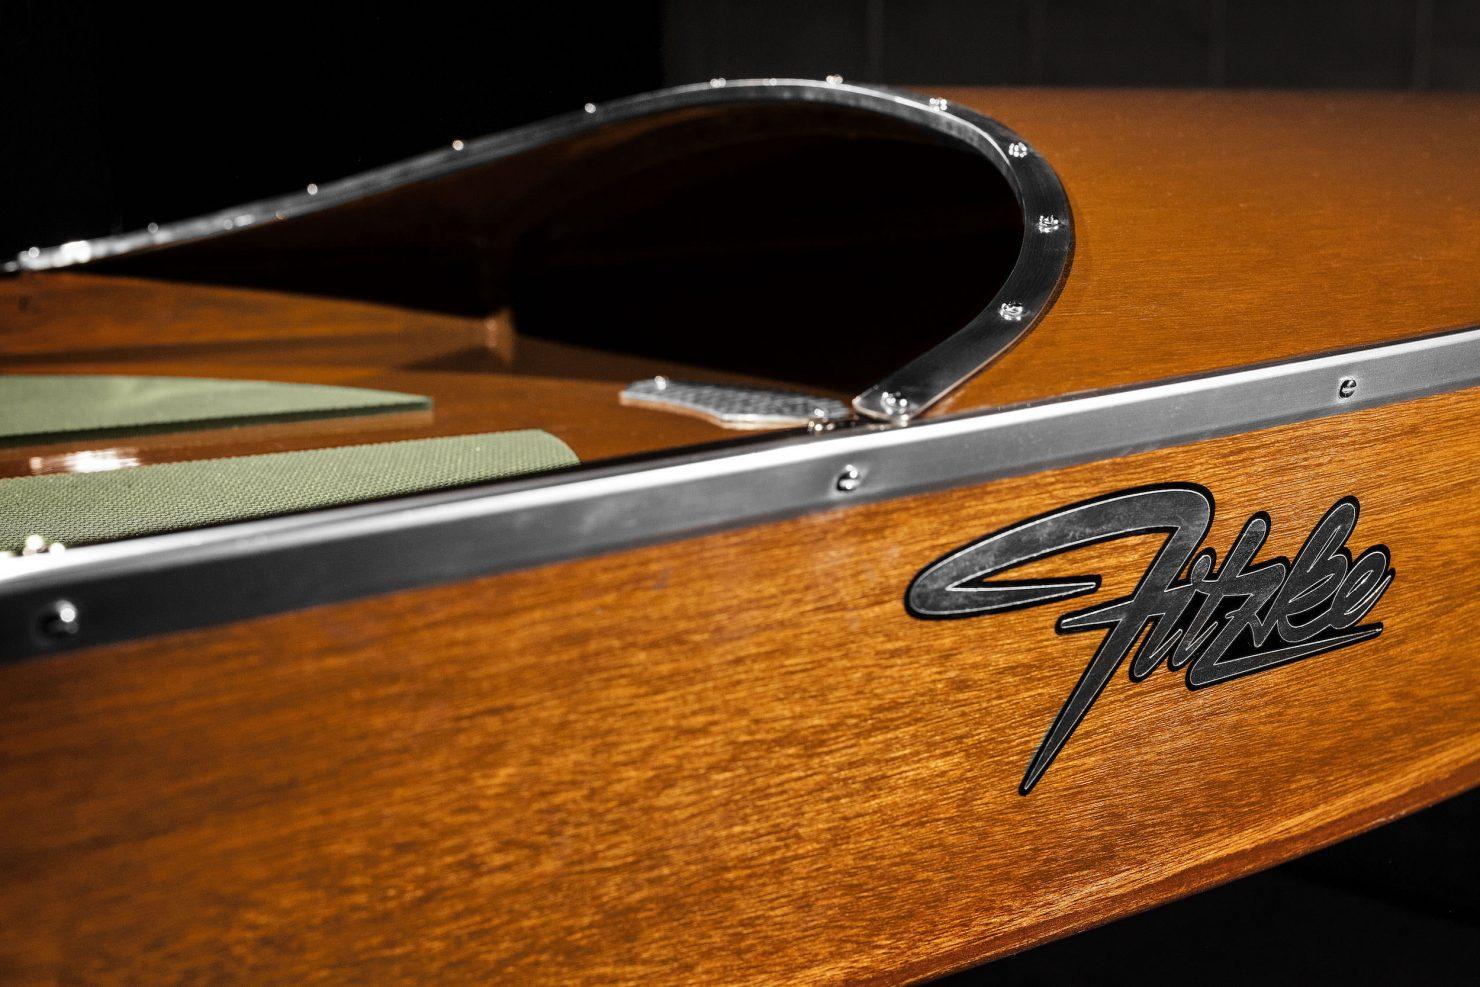 Fitzke Paddleboard 5 1480x987 - Bootlegger Fitzke Paddleboard